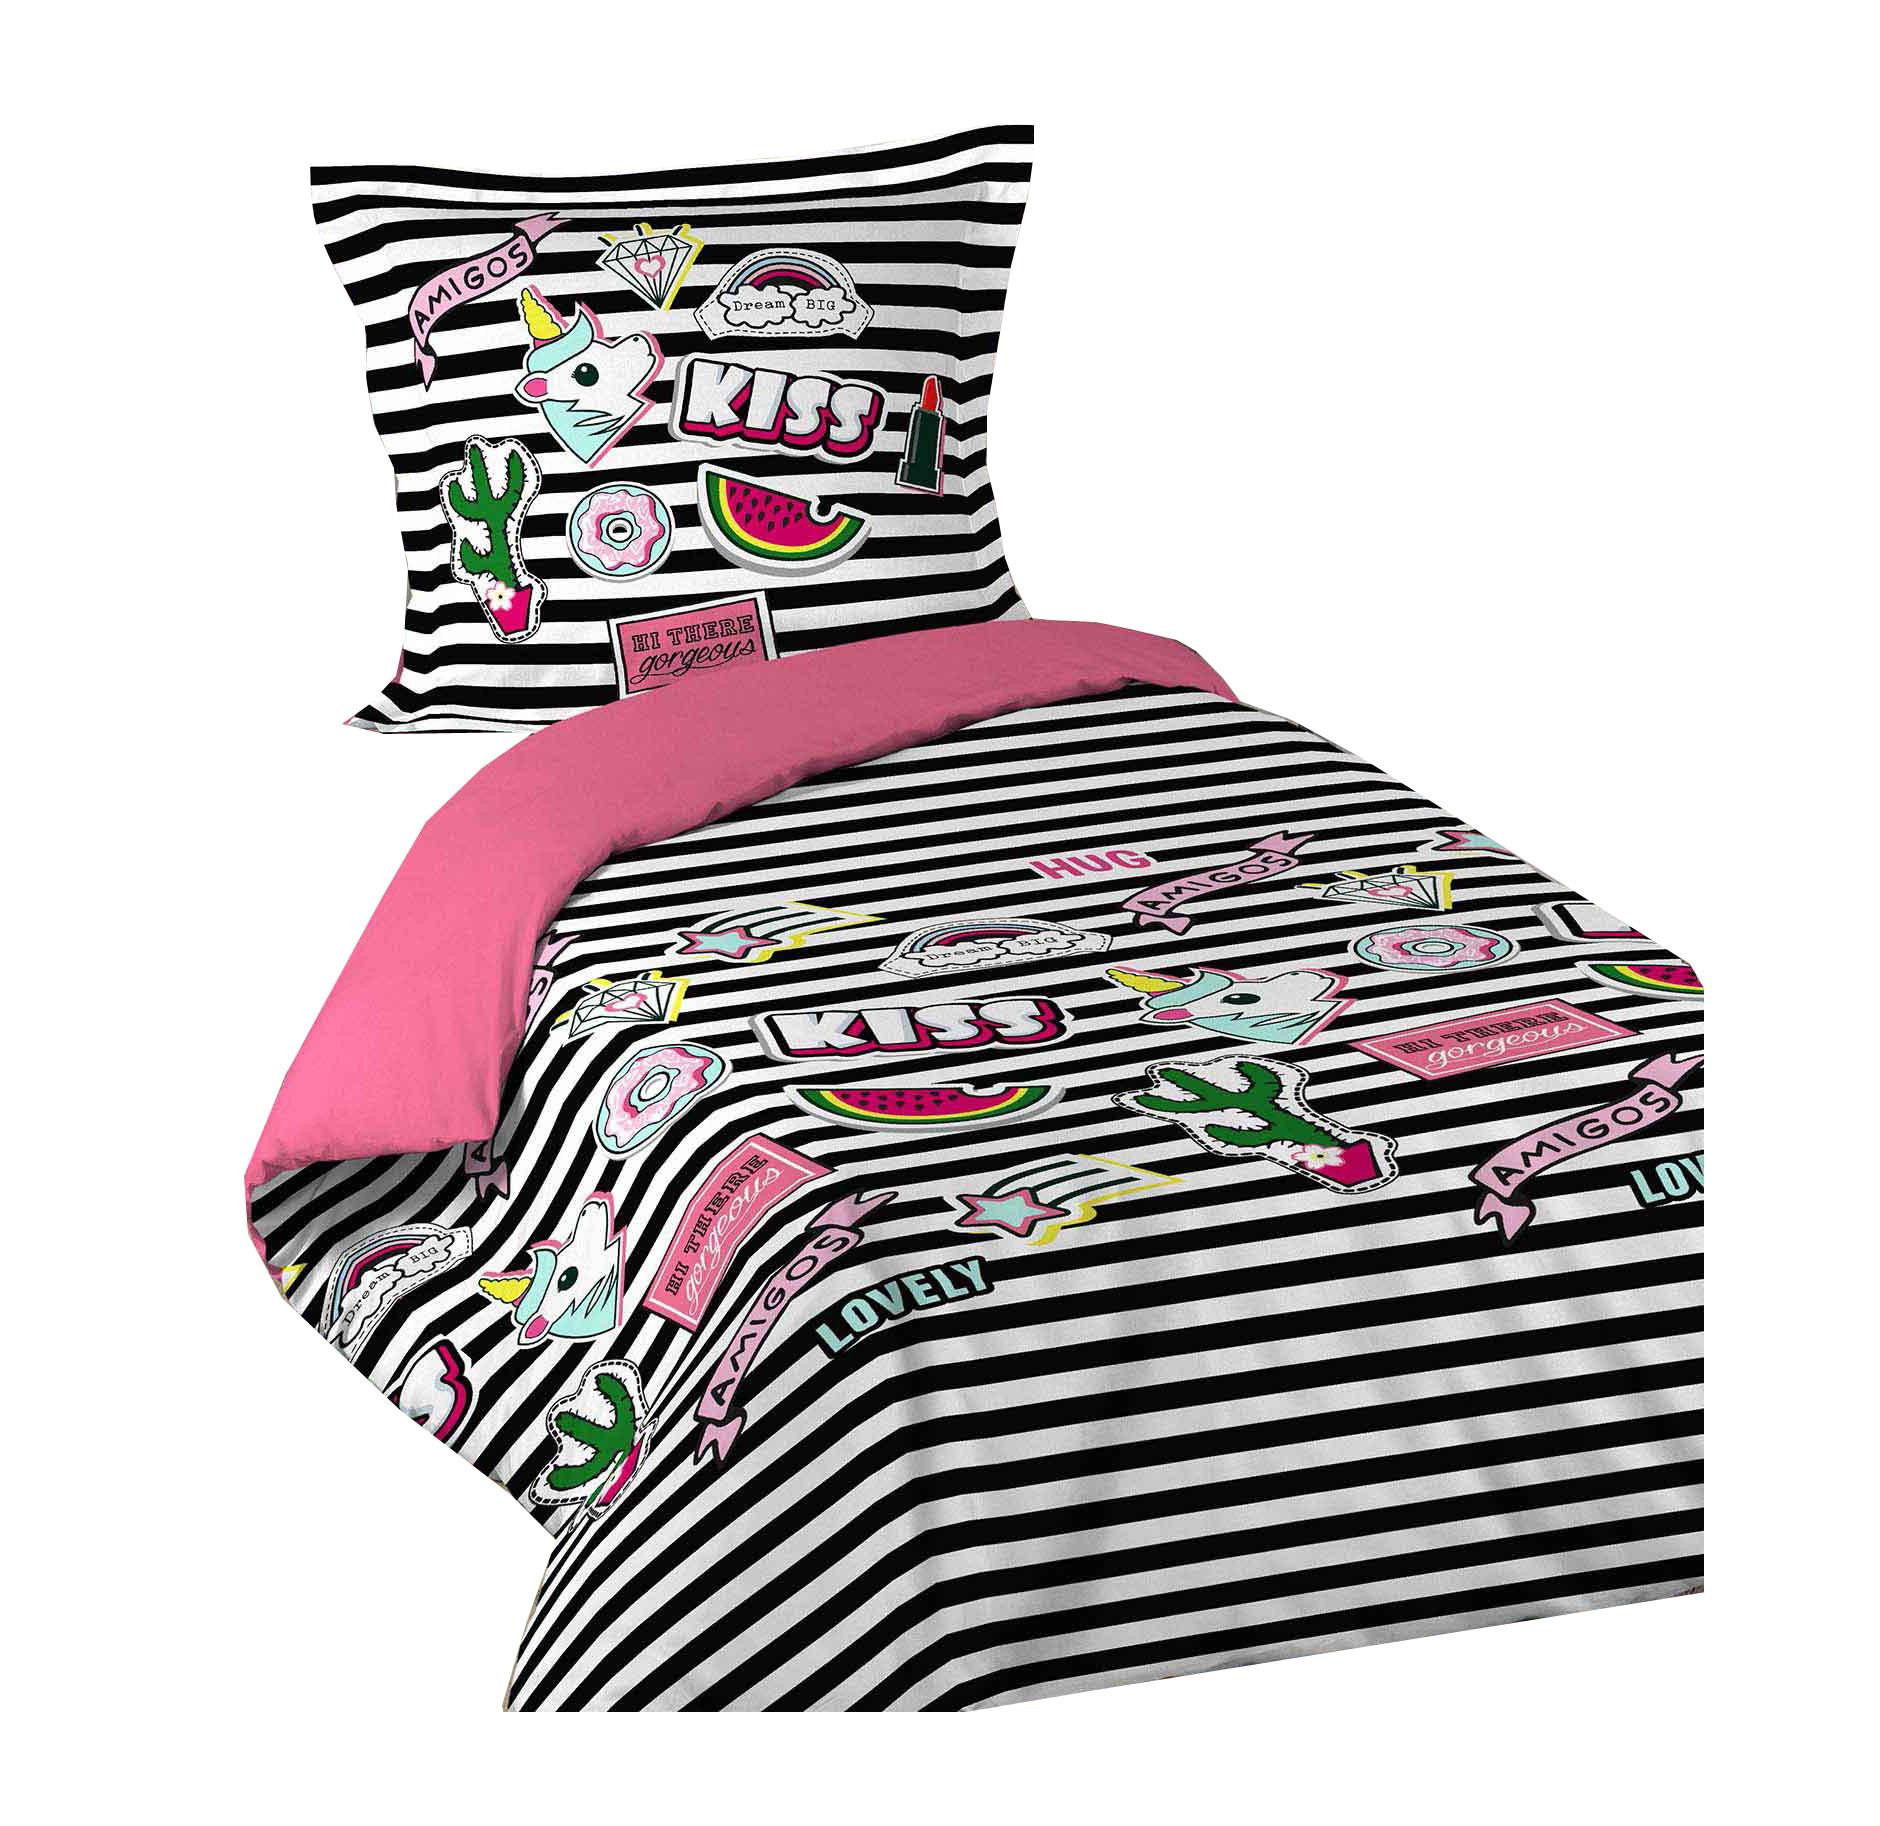 Full Size of Mdchen Bettwsche 140x200 Baumwolle Bettdecke Bettgarnitur Bettwäsche Sprüche Teenager Betten Für Wohnzimmer Bettwäsche Teenager